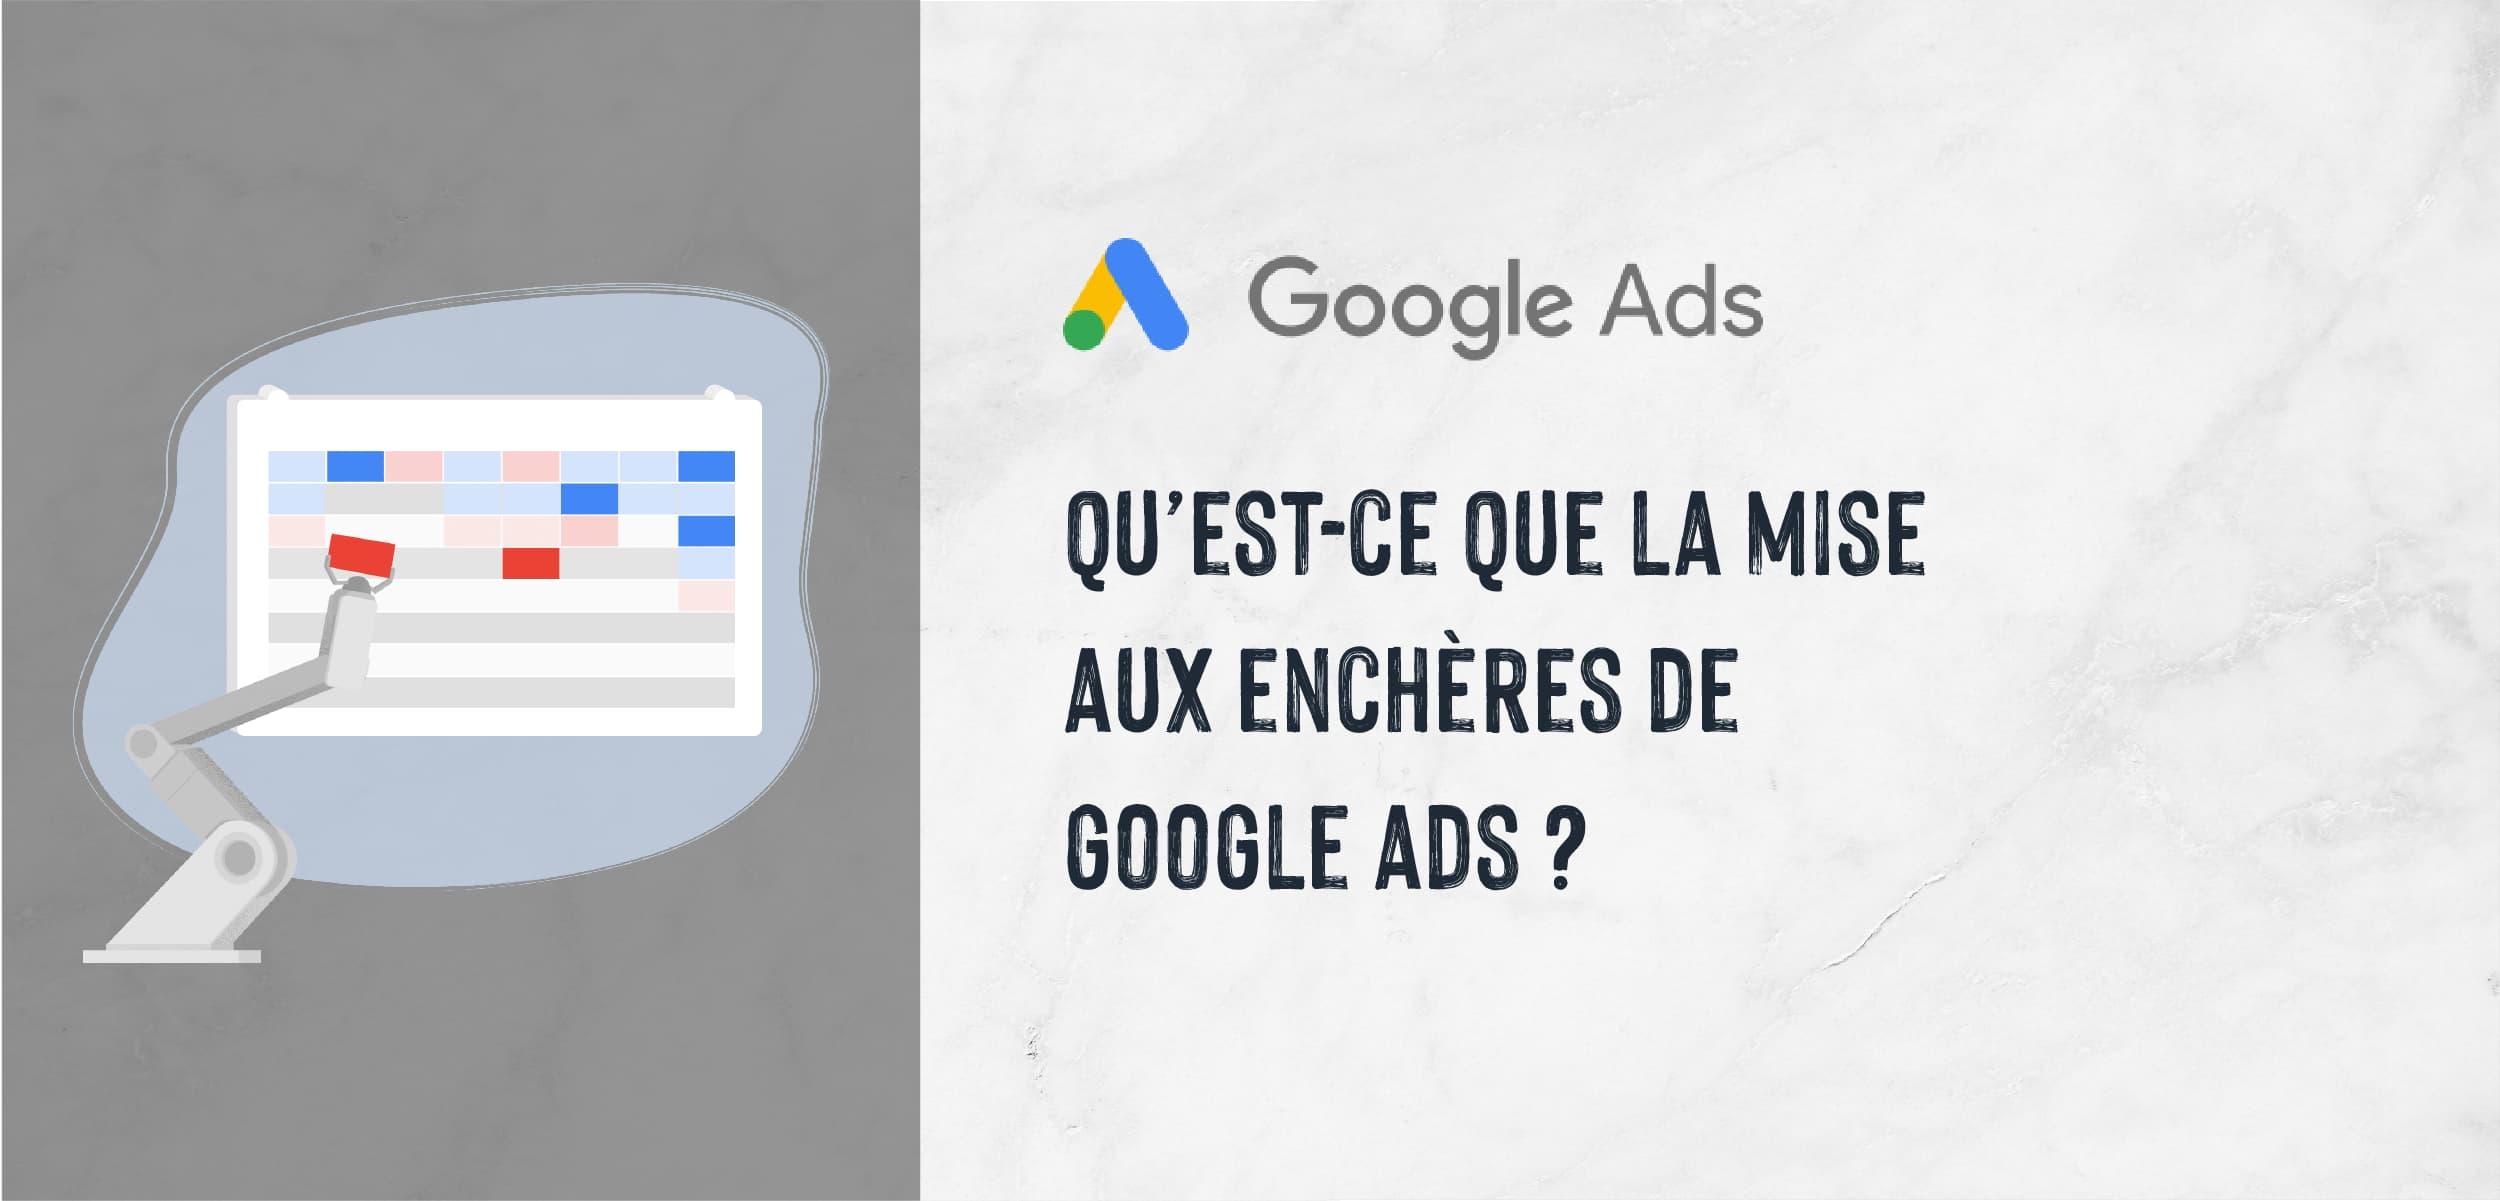 Maîtrisez la mise aux enchères de Google Ads